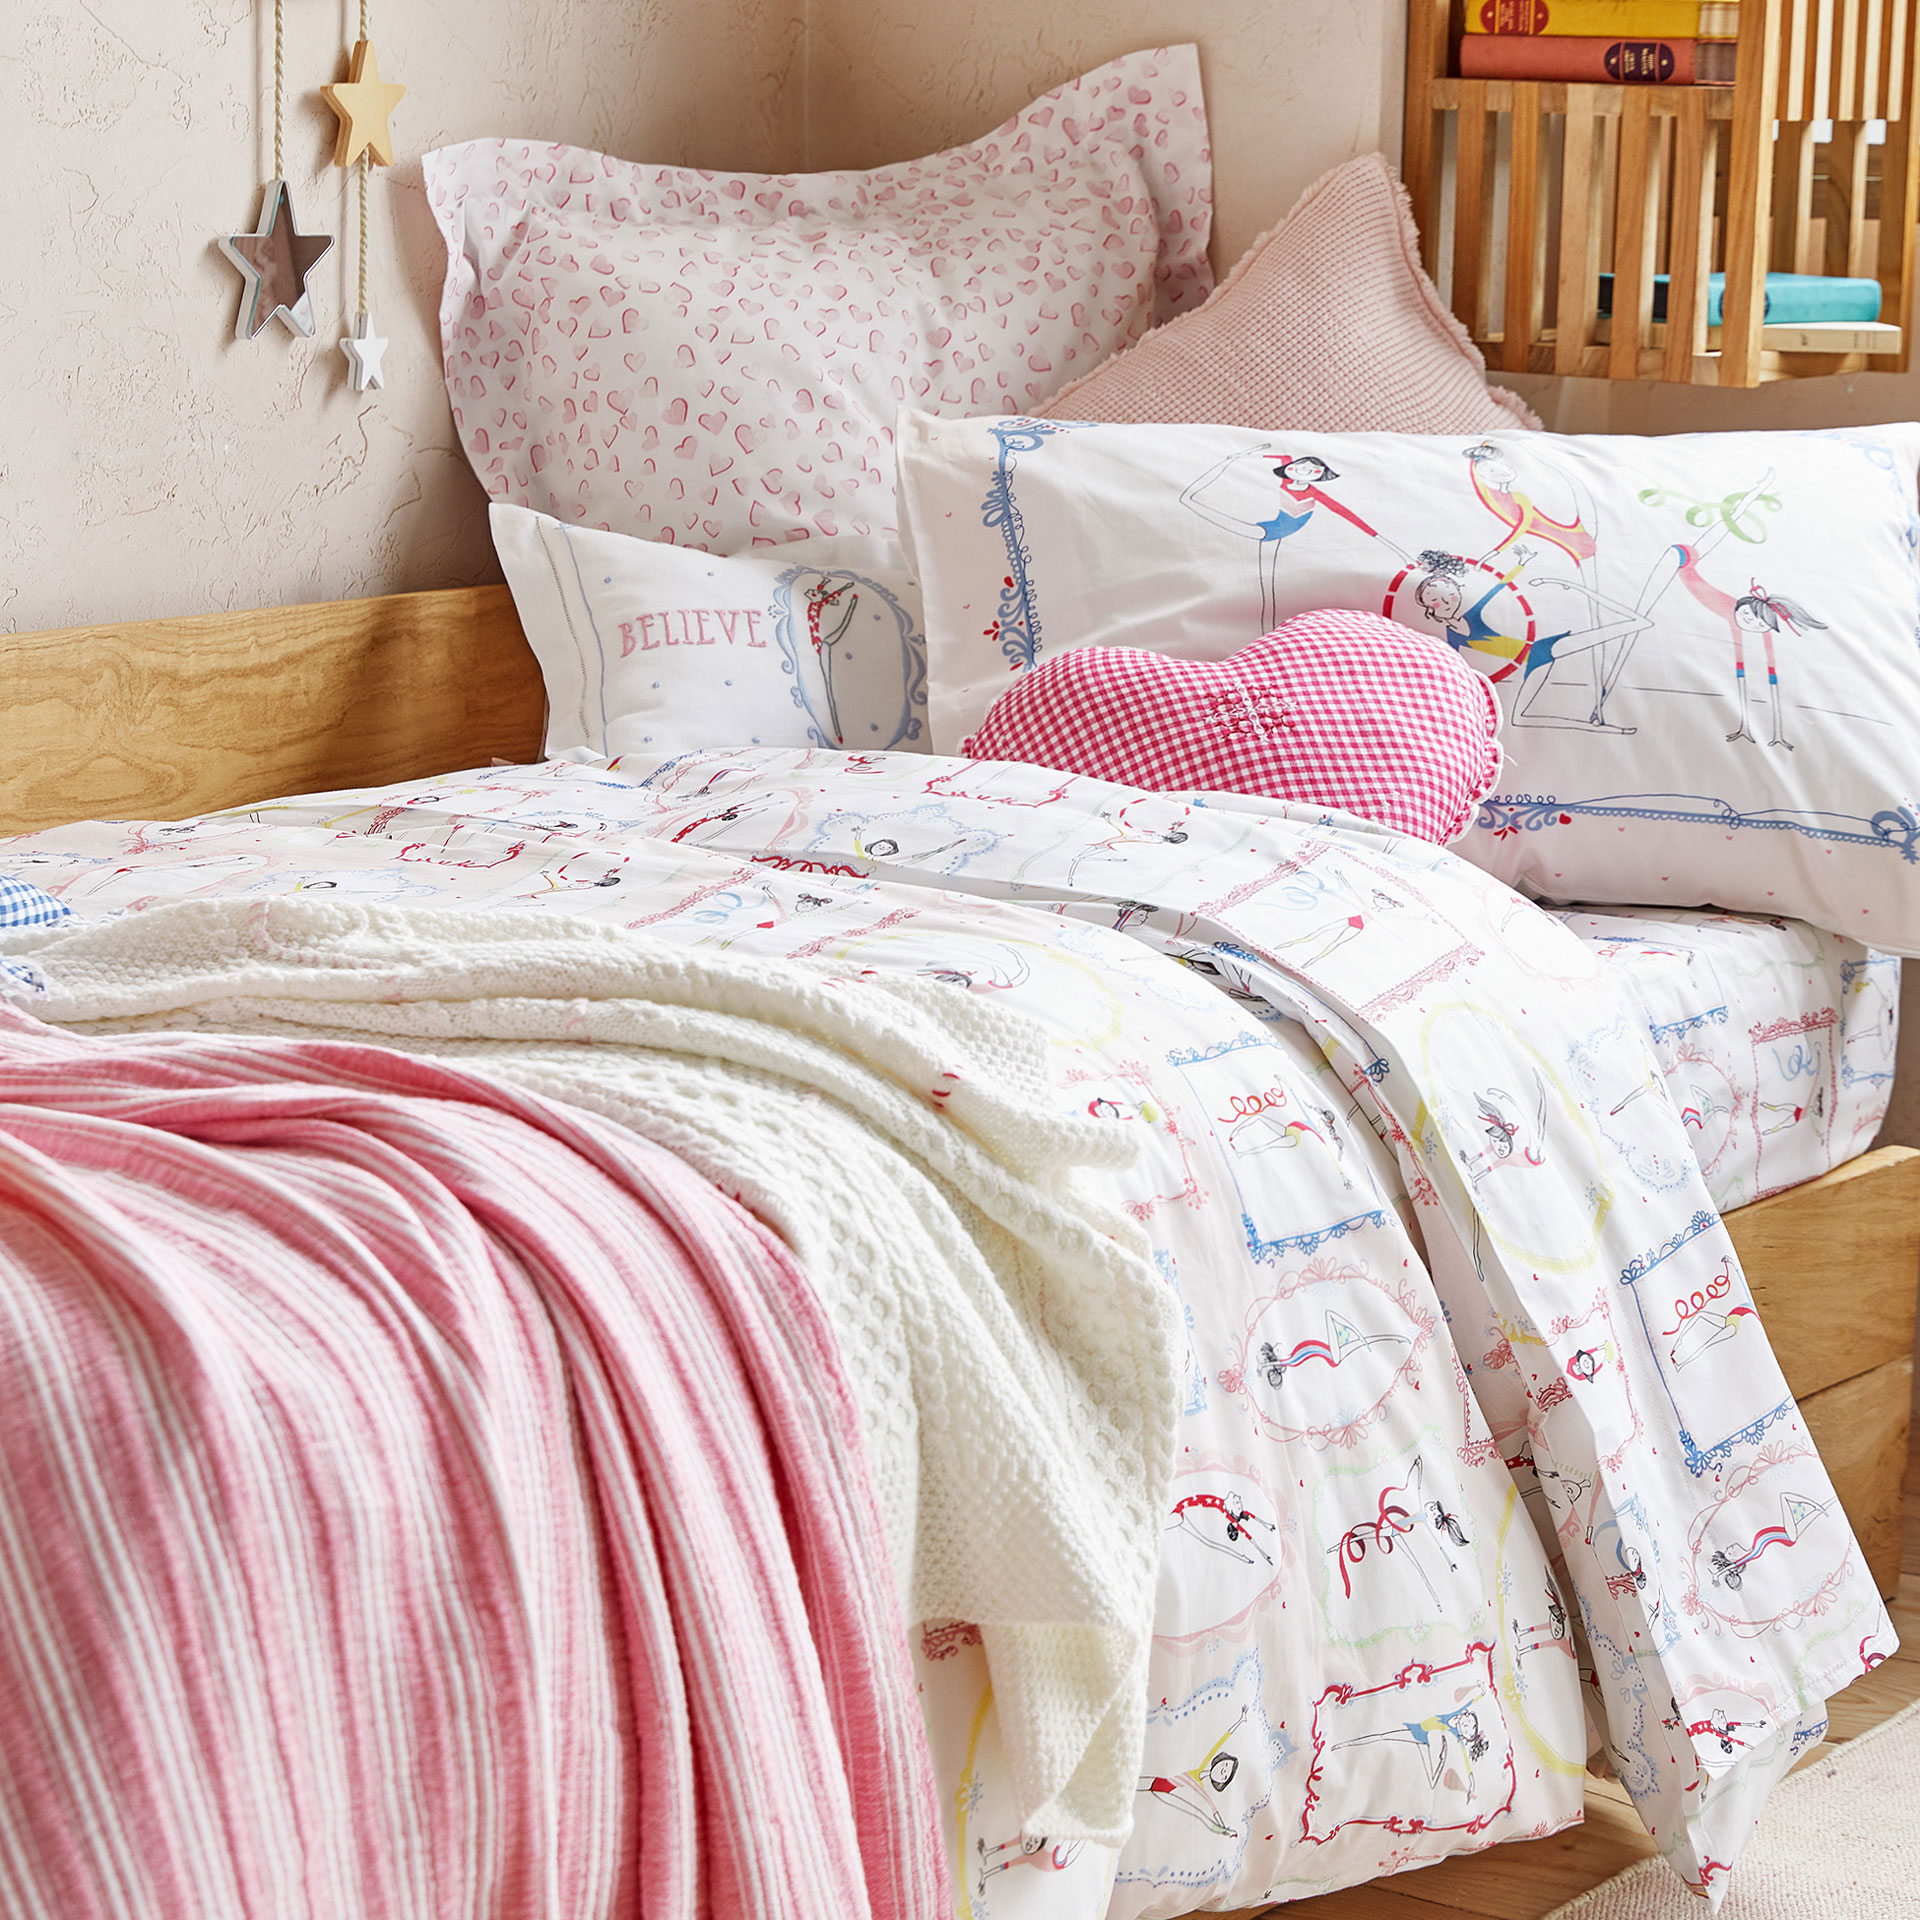 Cabeceros cama zara home ropa de cama zara home with - Ropa de cama zara home ...